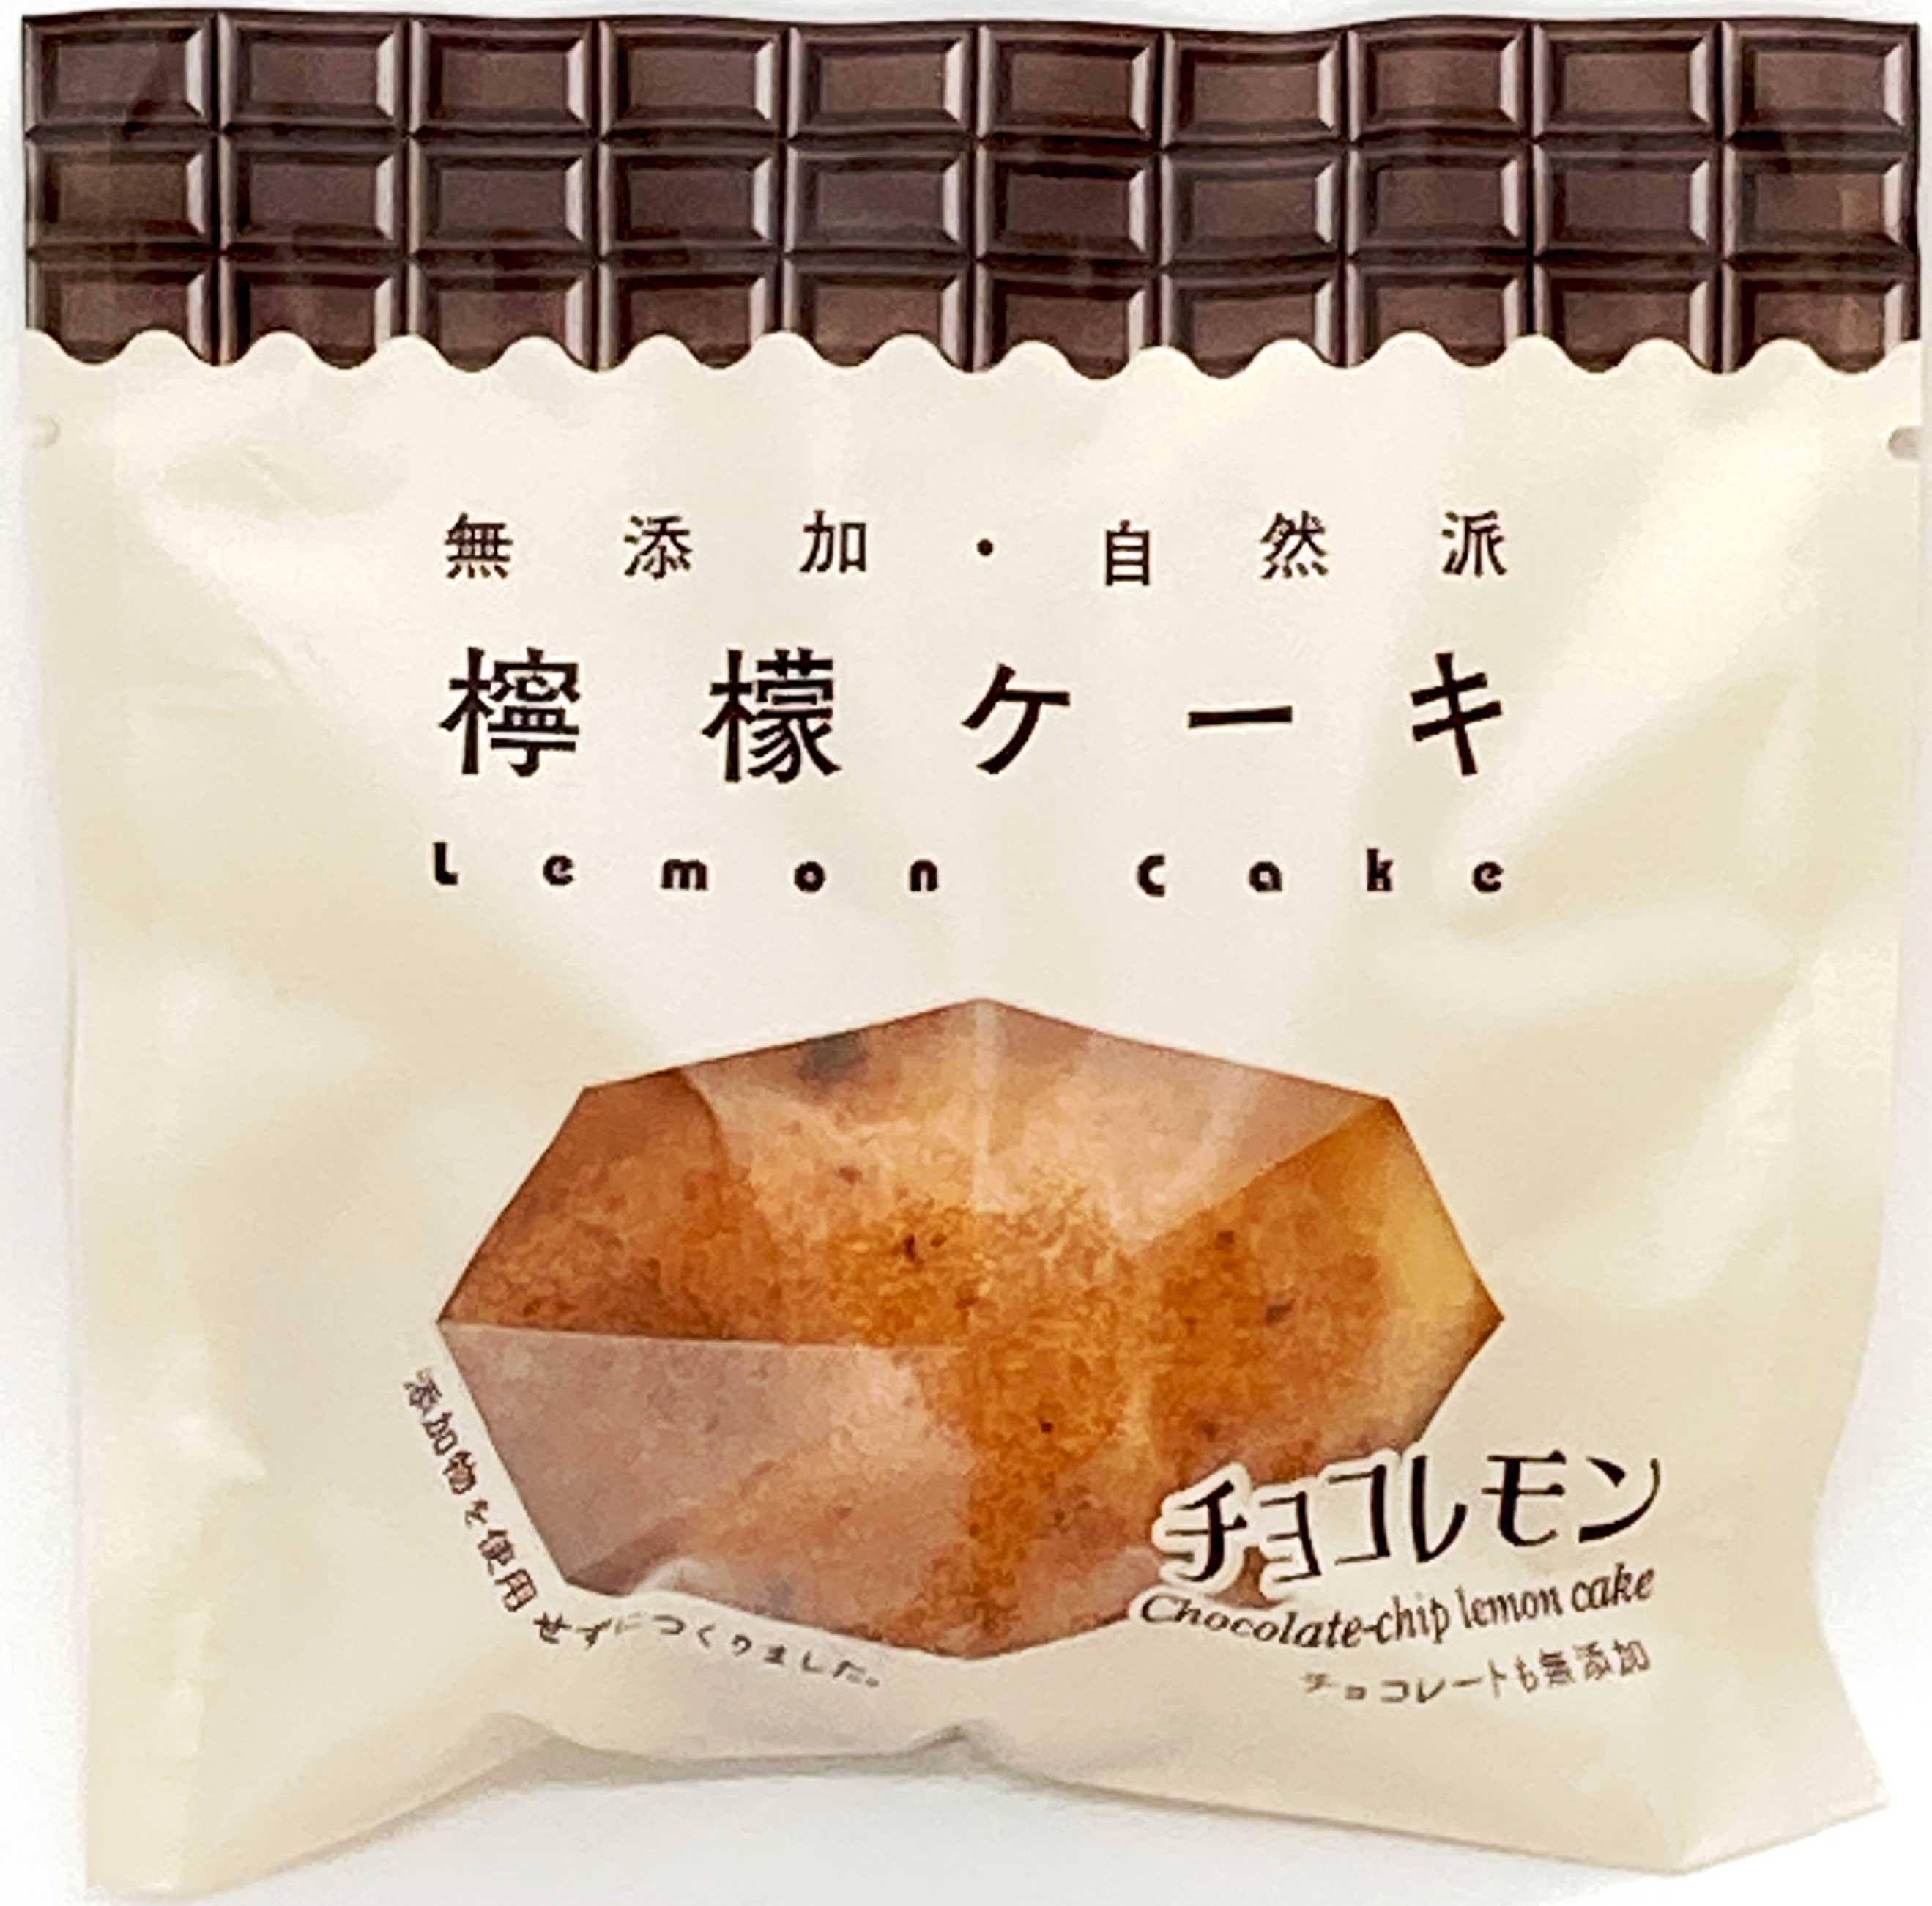 元祖チョコチップレモンケーキ チョコレモン画像